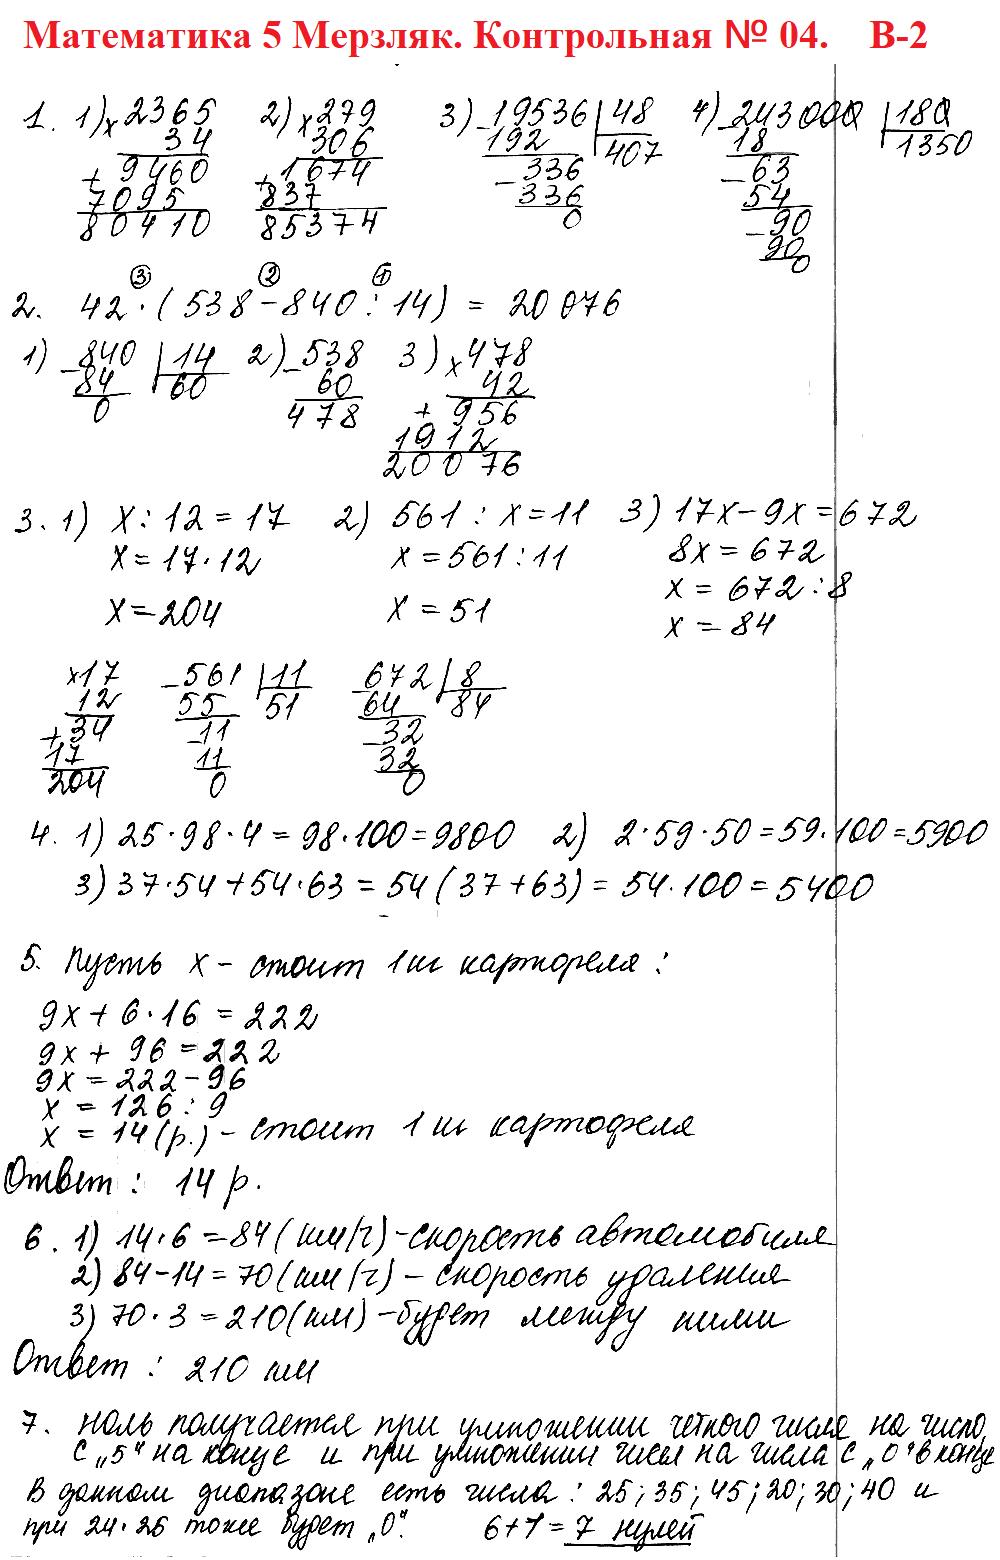 Математика 5 класс Мерзляк. Ответы на контрольную работу № 4 в2